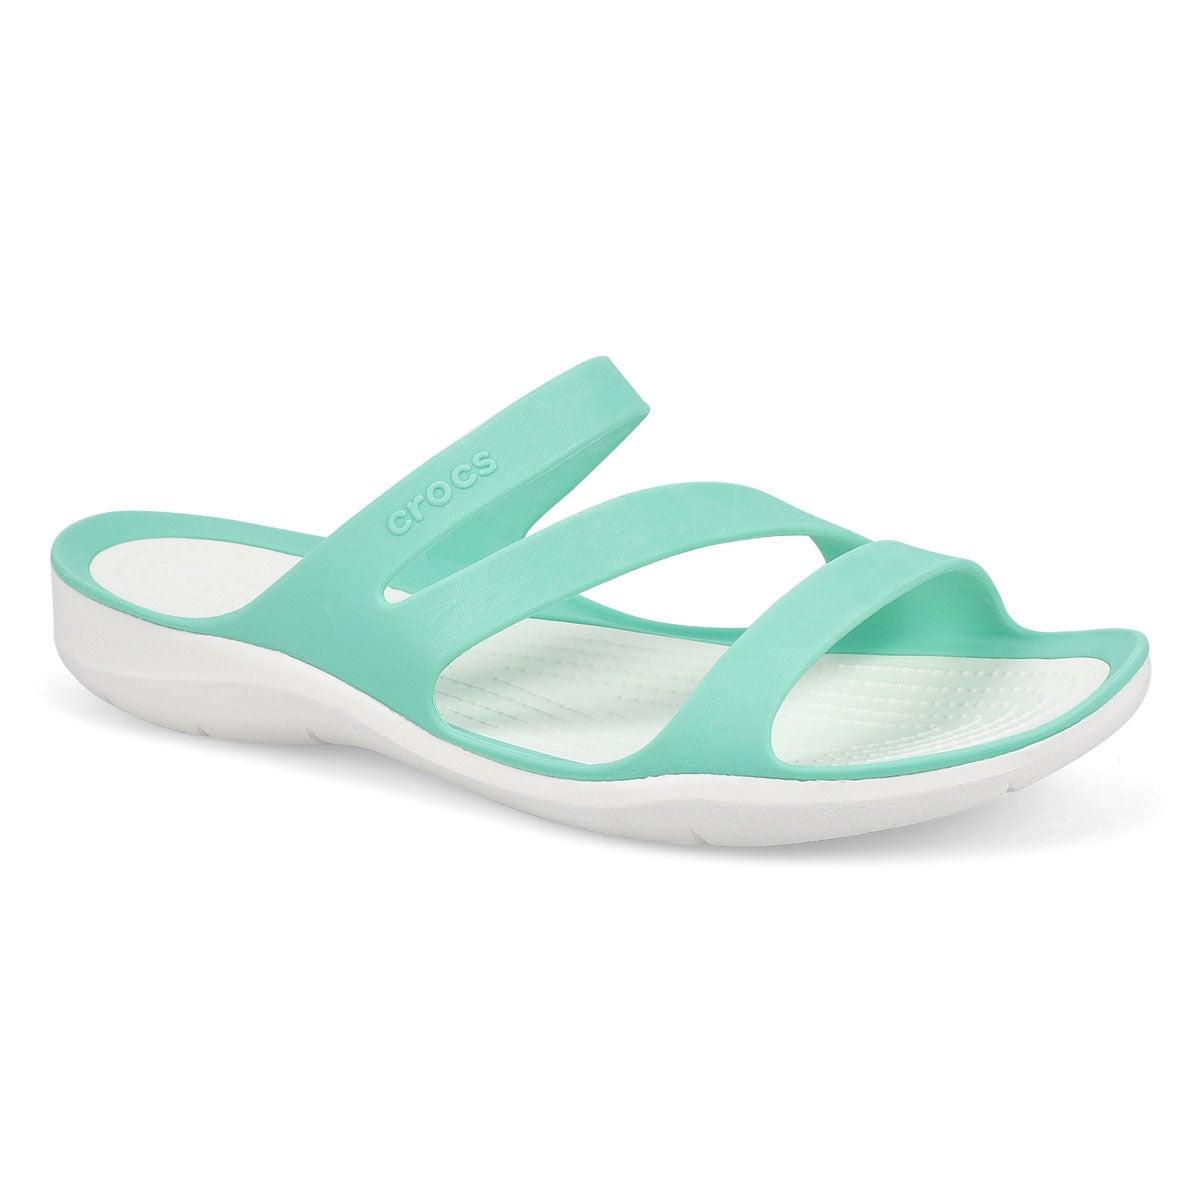 Women's Swiftwater Slide Sandal - Pistachio